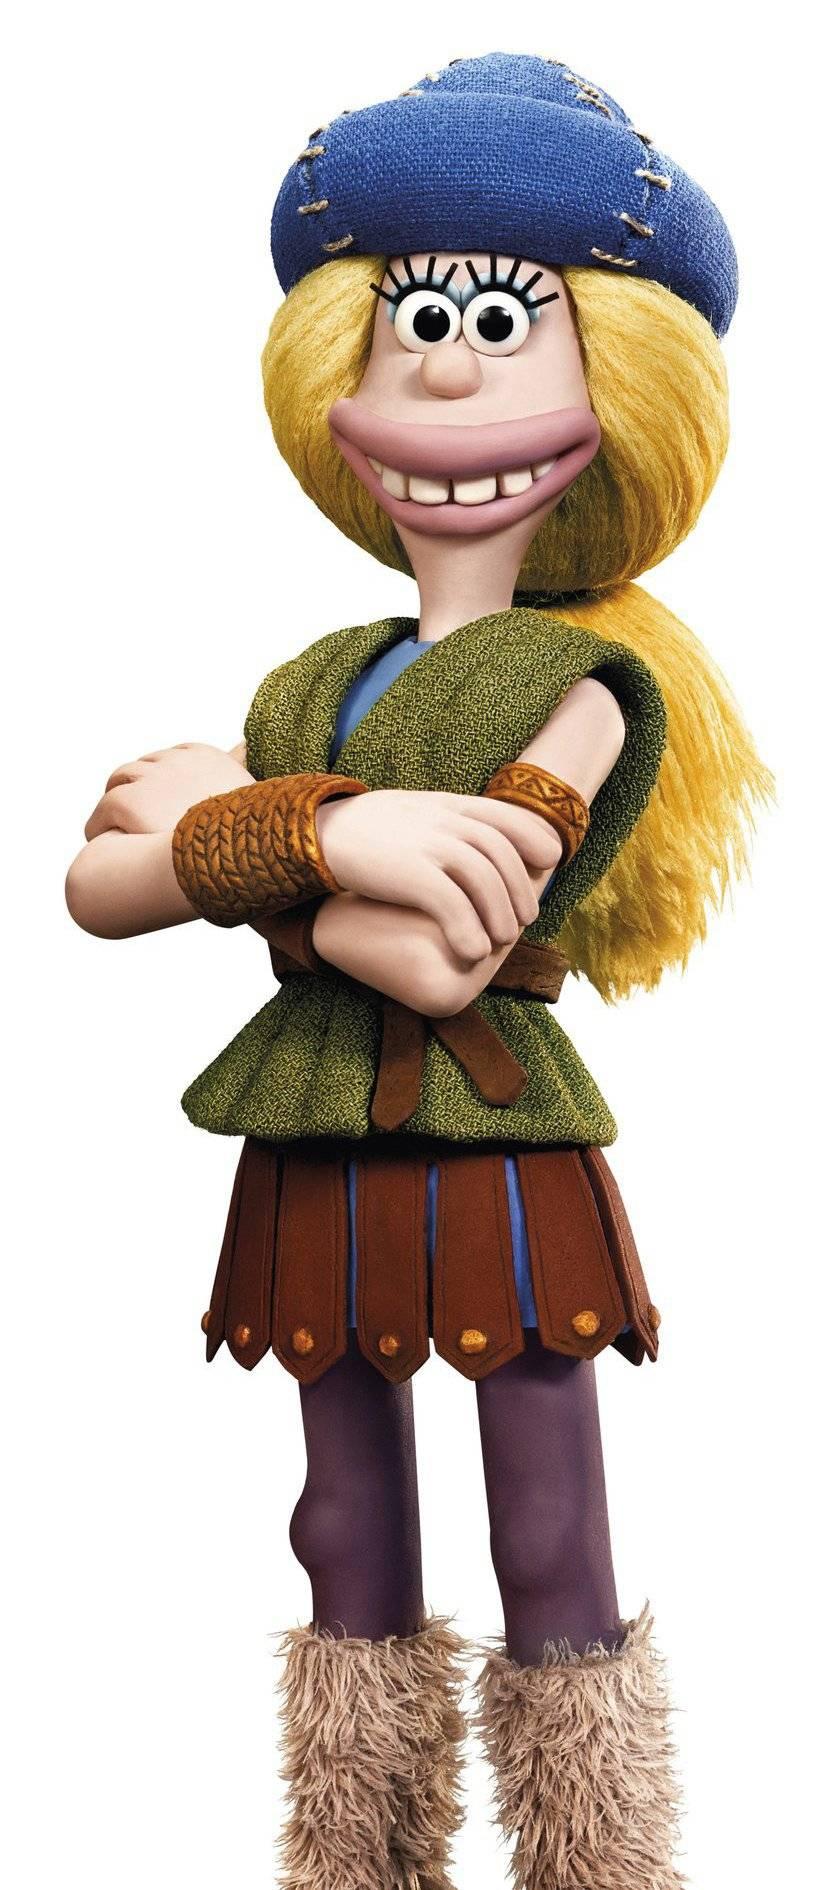 """""""Hacer una película animada para niños fue increíble, y pude aprender toda una nueva gama de habilidades"""" Maisie Williams"""